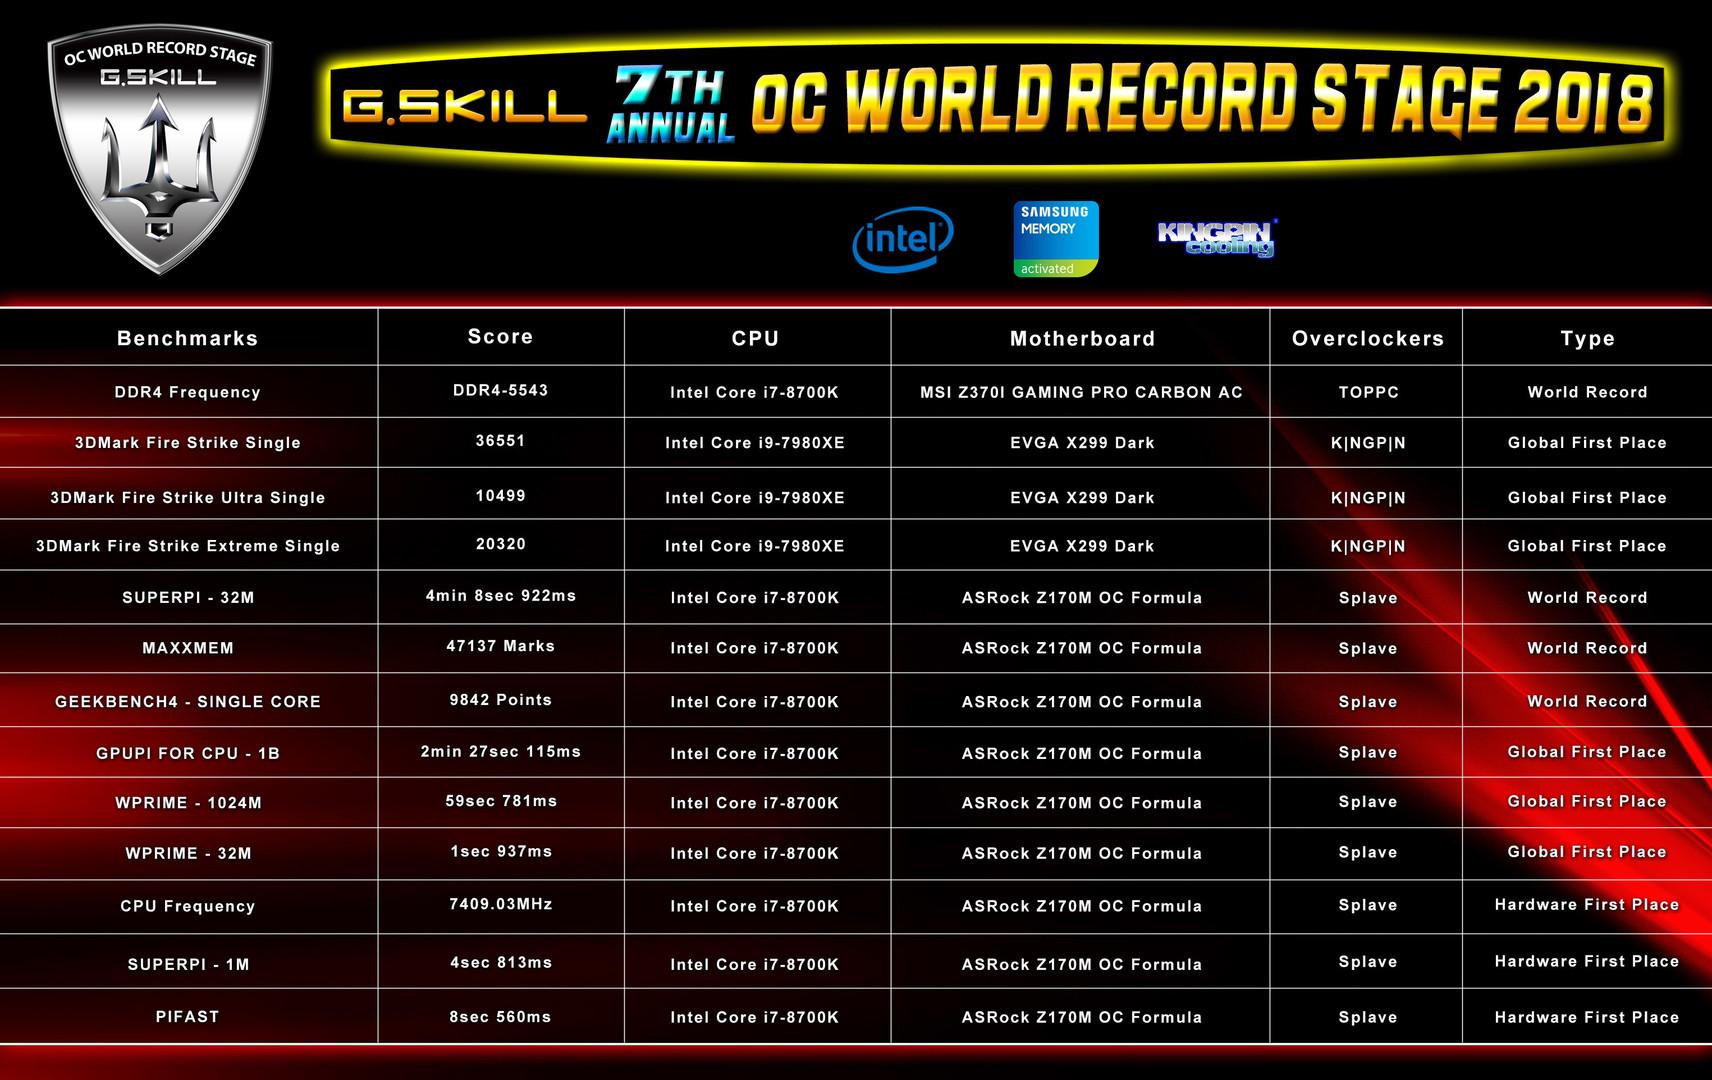 Используя память G.Skill, оверклокеры обновили сразу 13 мировых рекордов разгона. Саму память разогнали до 5543 МГц